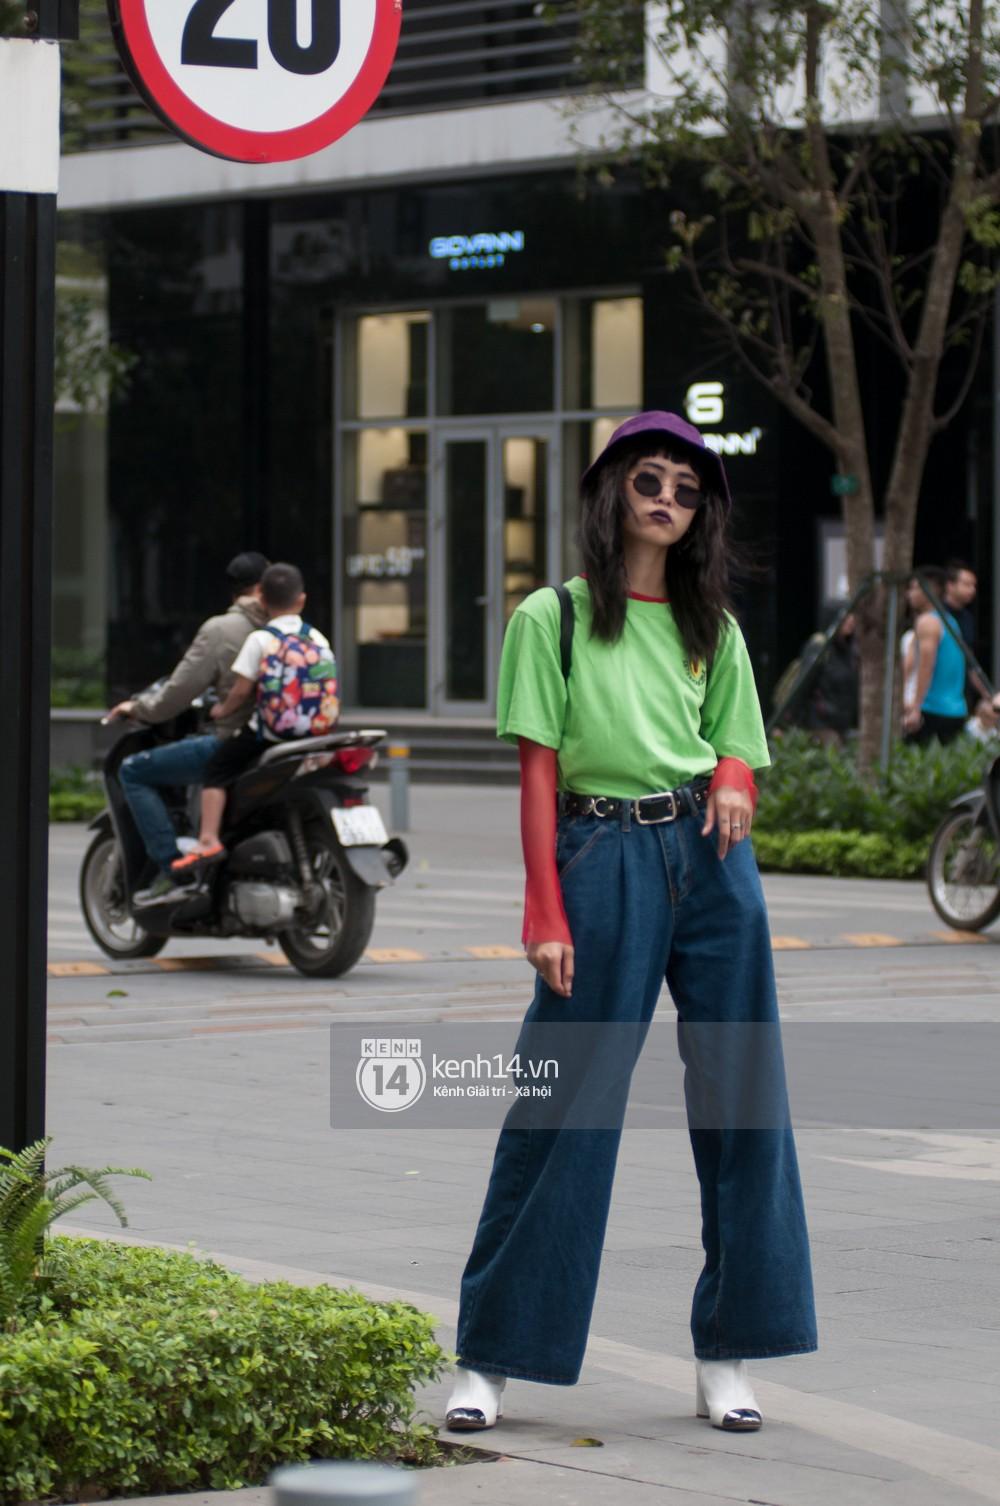 Giới trẻ 2 miền chinh phục loạt hot trend, khoe street style siêu cool và thời thượng ngắm là mê - Ảnh 22.